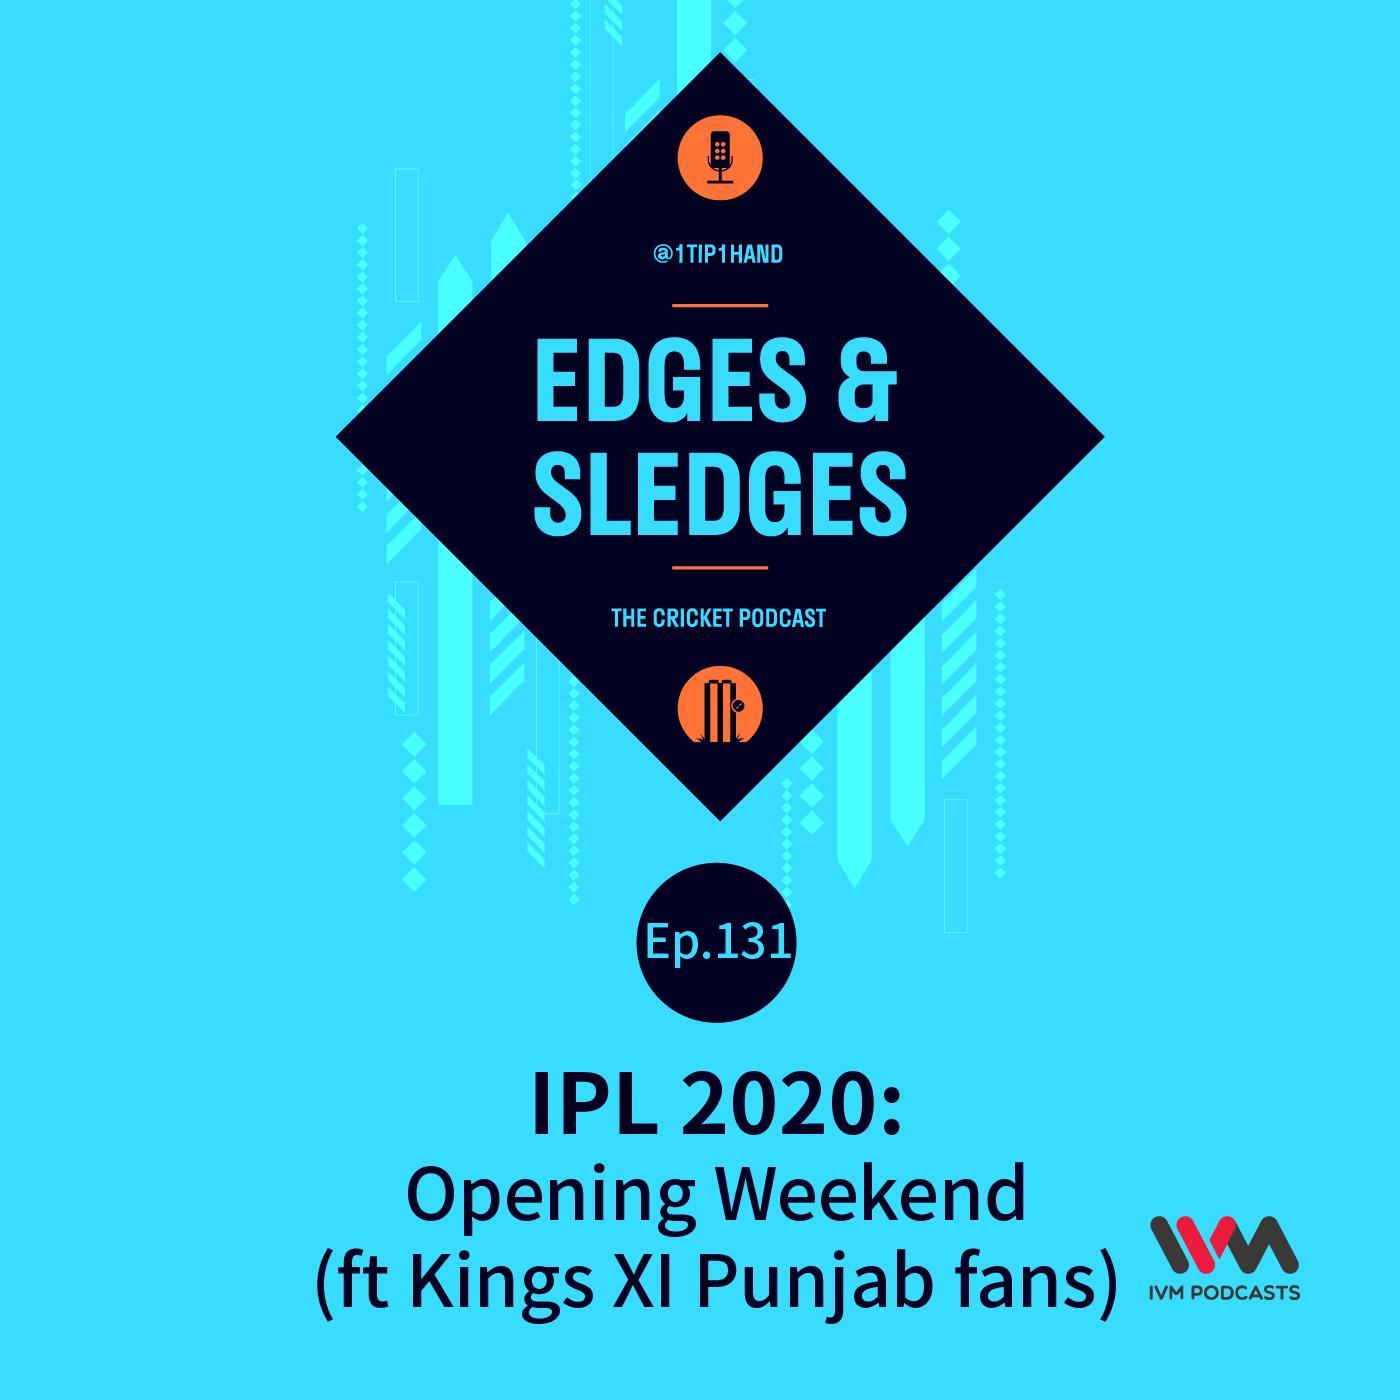 Ep. 131: IPL 2020: Opening Weekend (ft Kings XI Punjab fans)